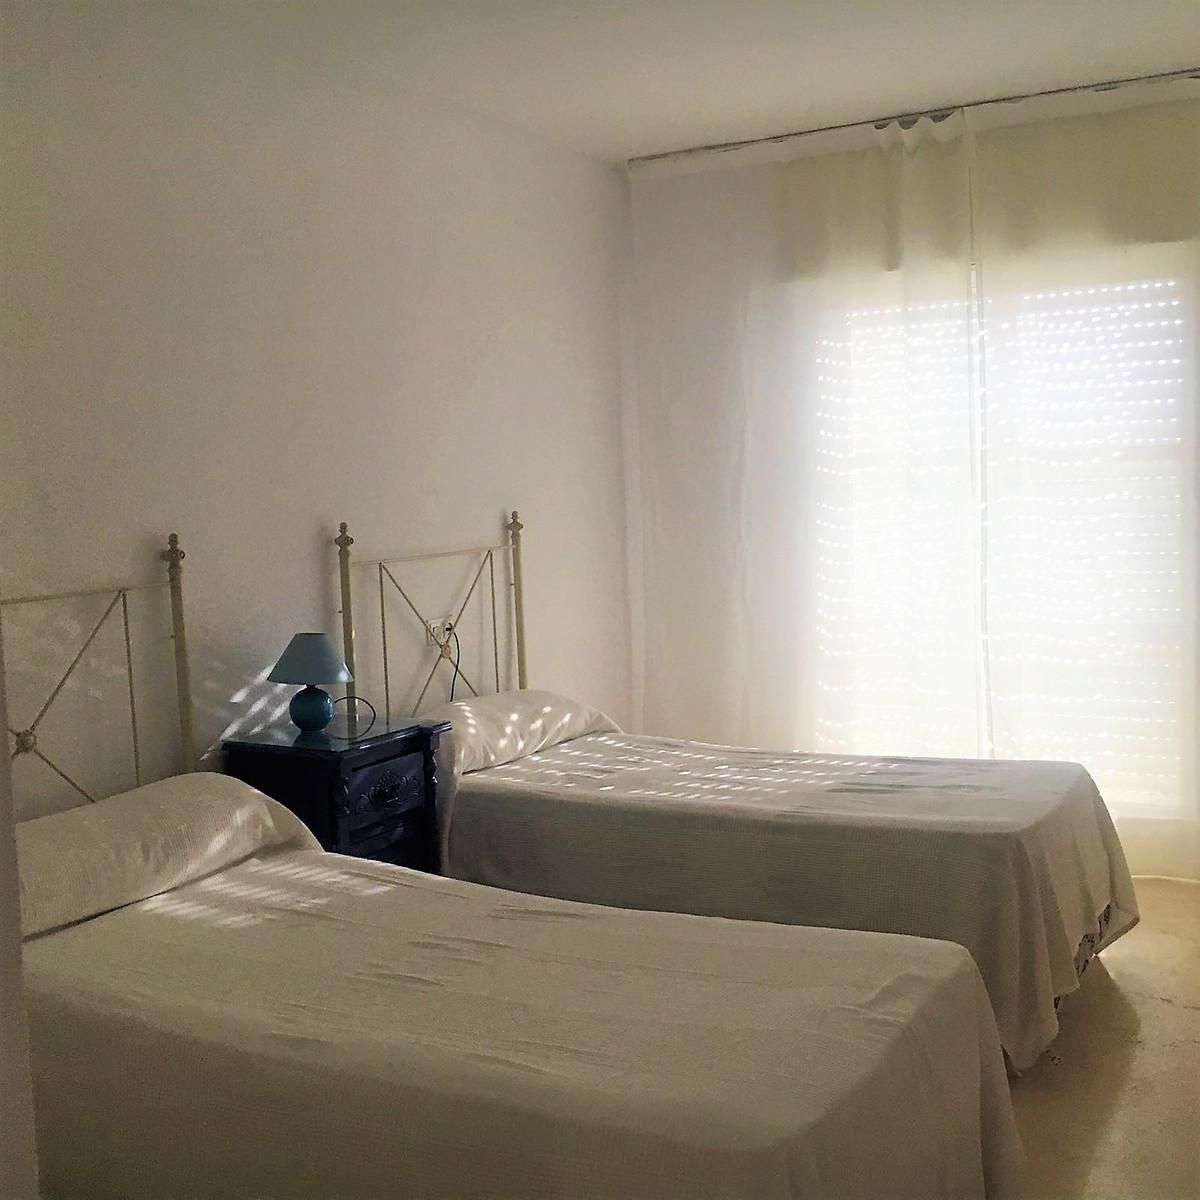 Unifamiliar con 4 Dormitorios en Venta Mijas Golf